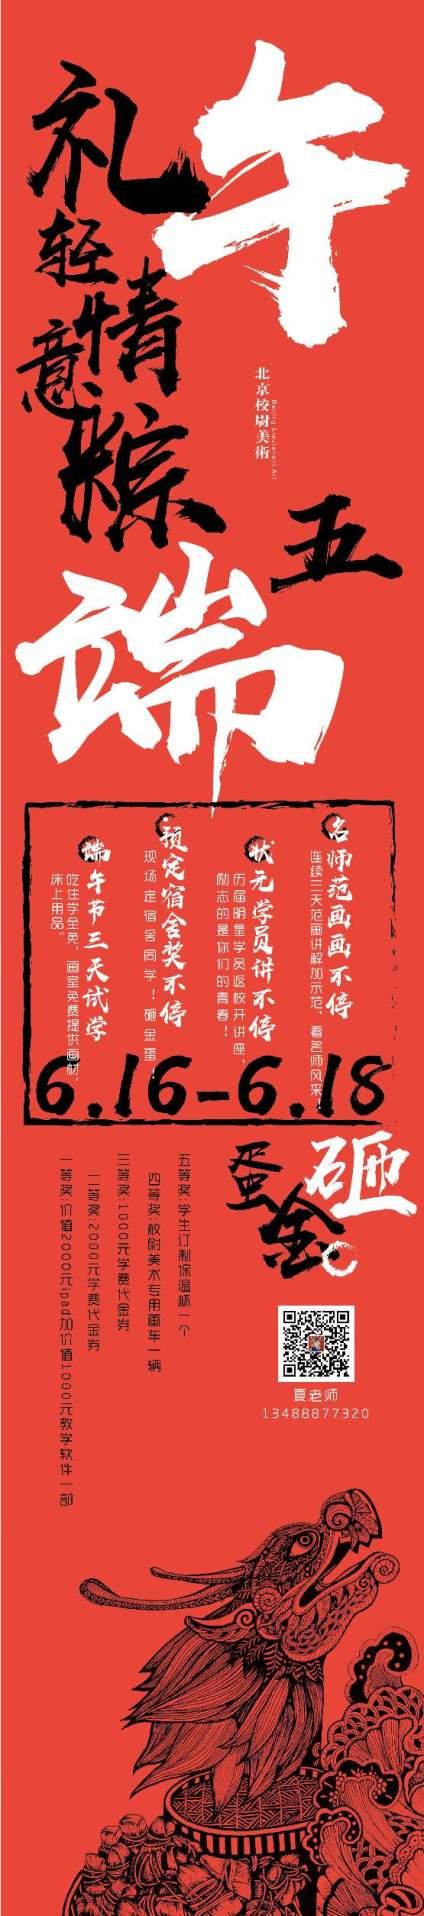 端午节快乐!北京校尉美术请你吃粽子!看画展!免费试学!!!